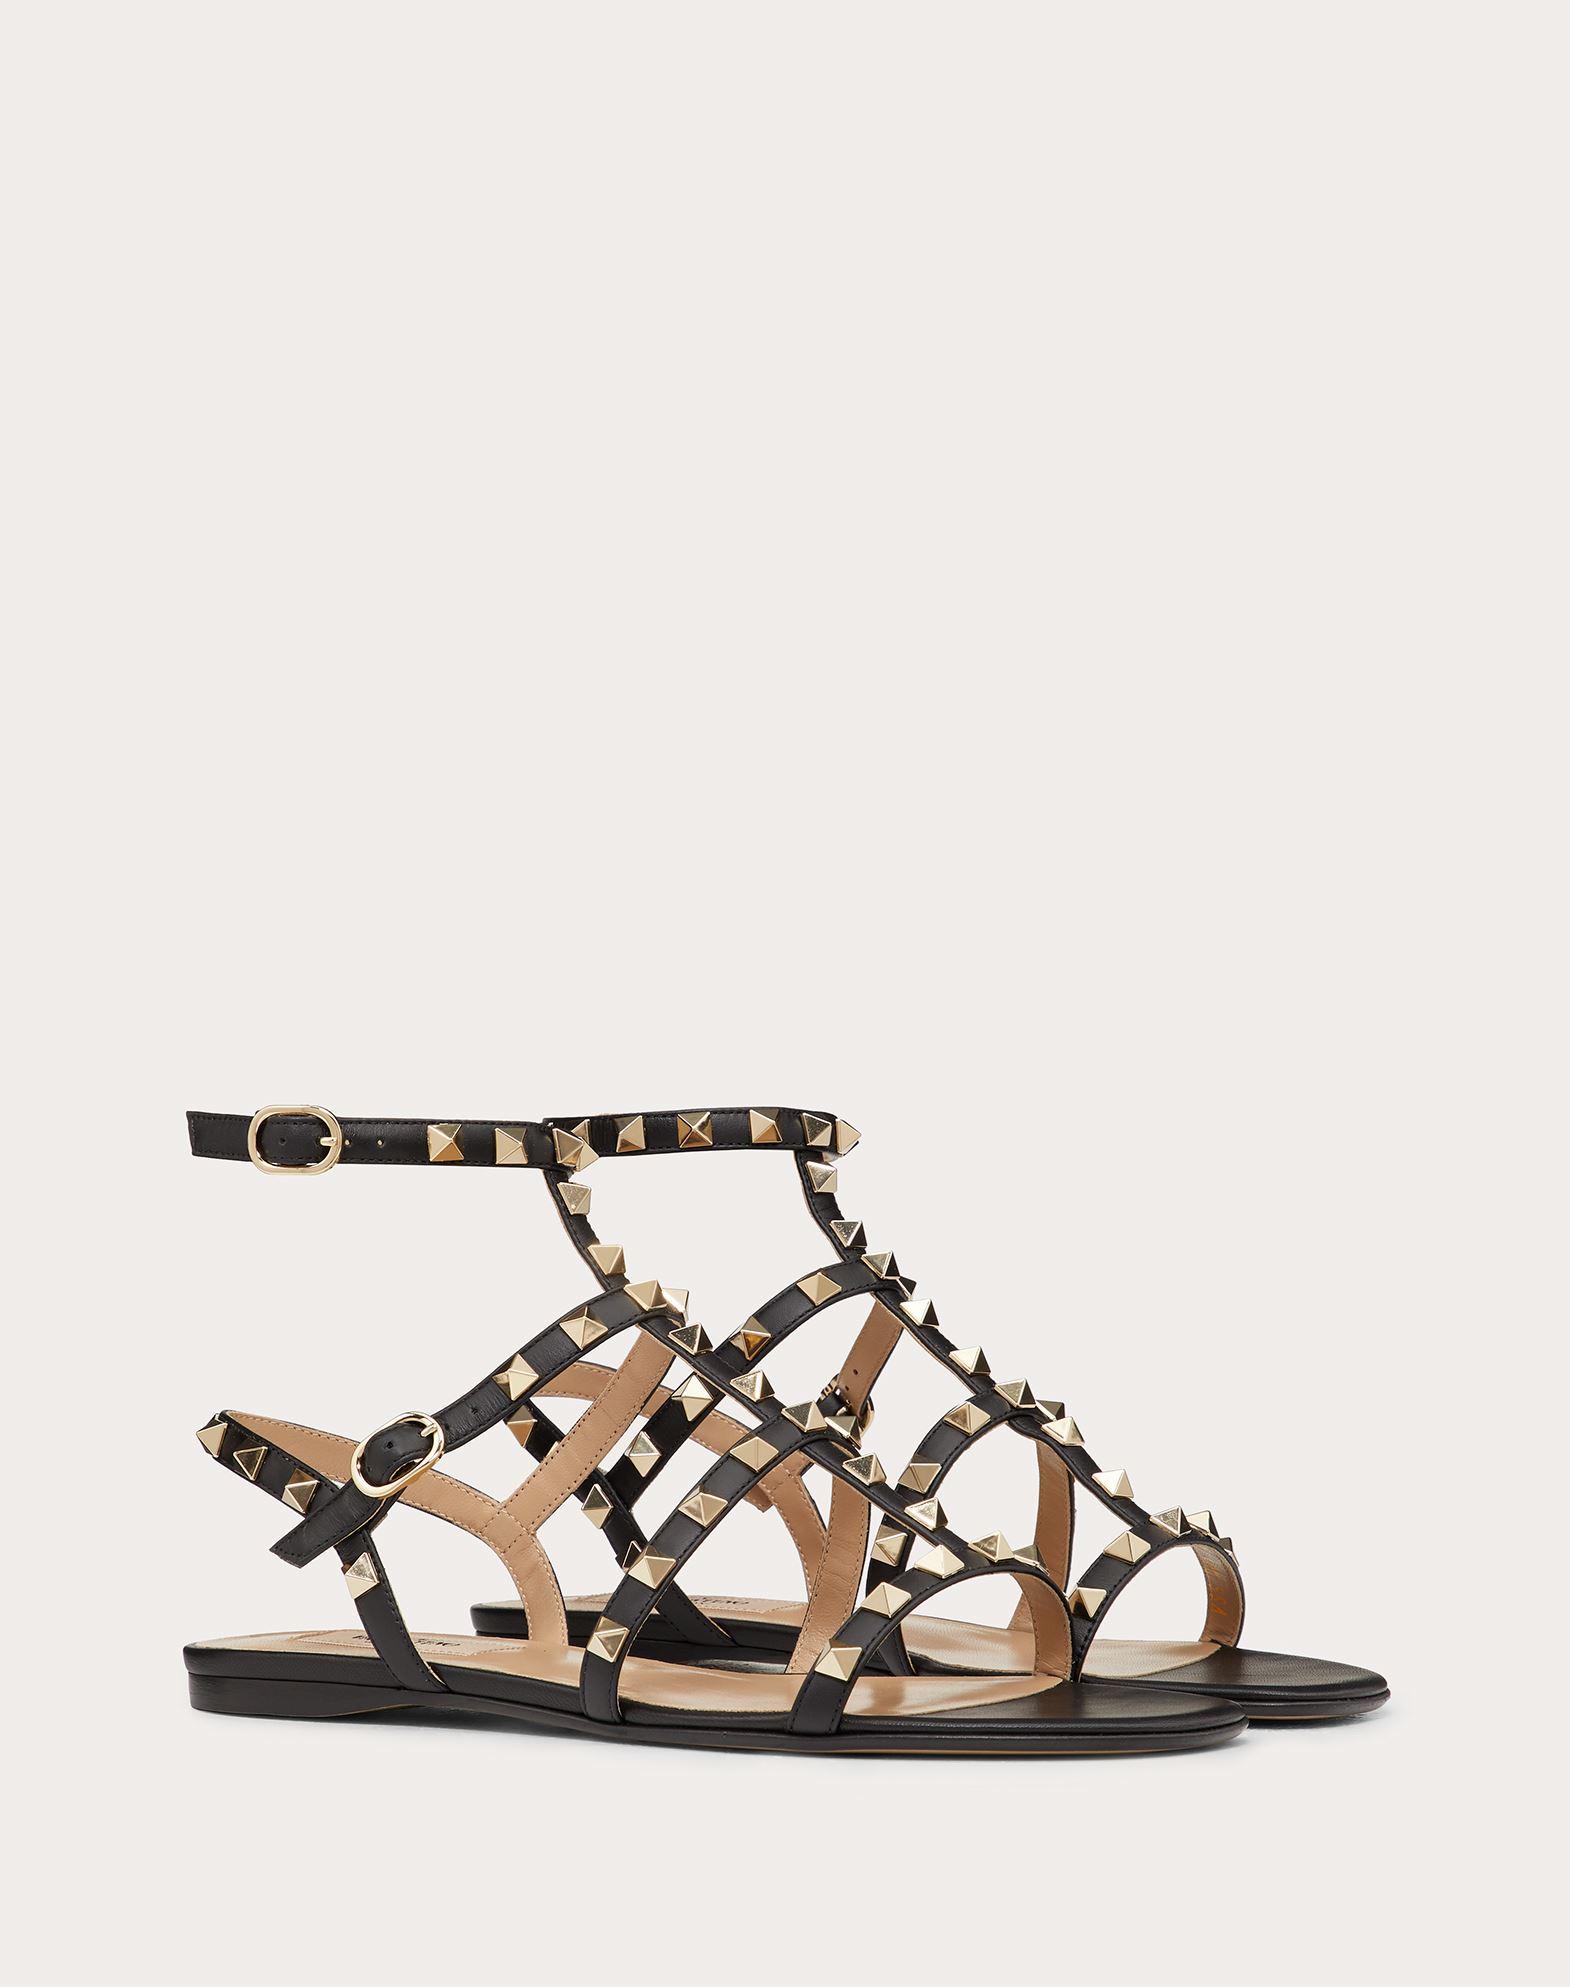 VALENTINO GARAVANI Rockstud Sandal FLAT SANDALS D r